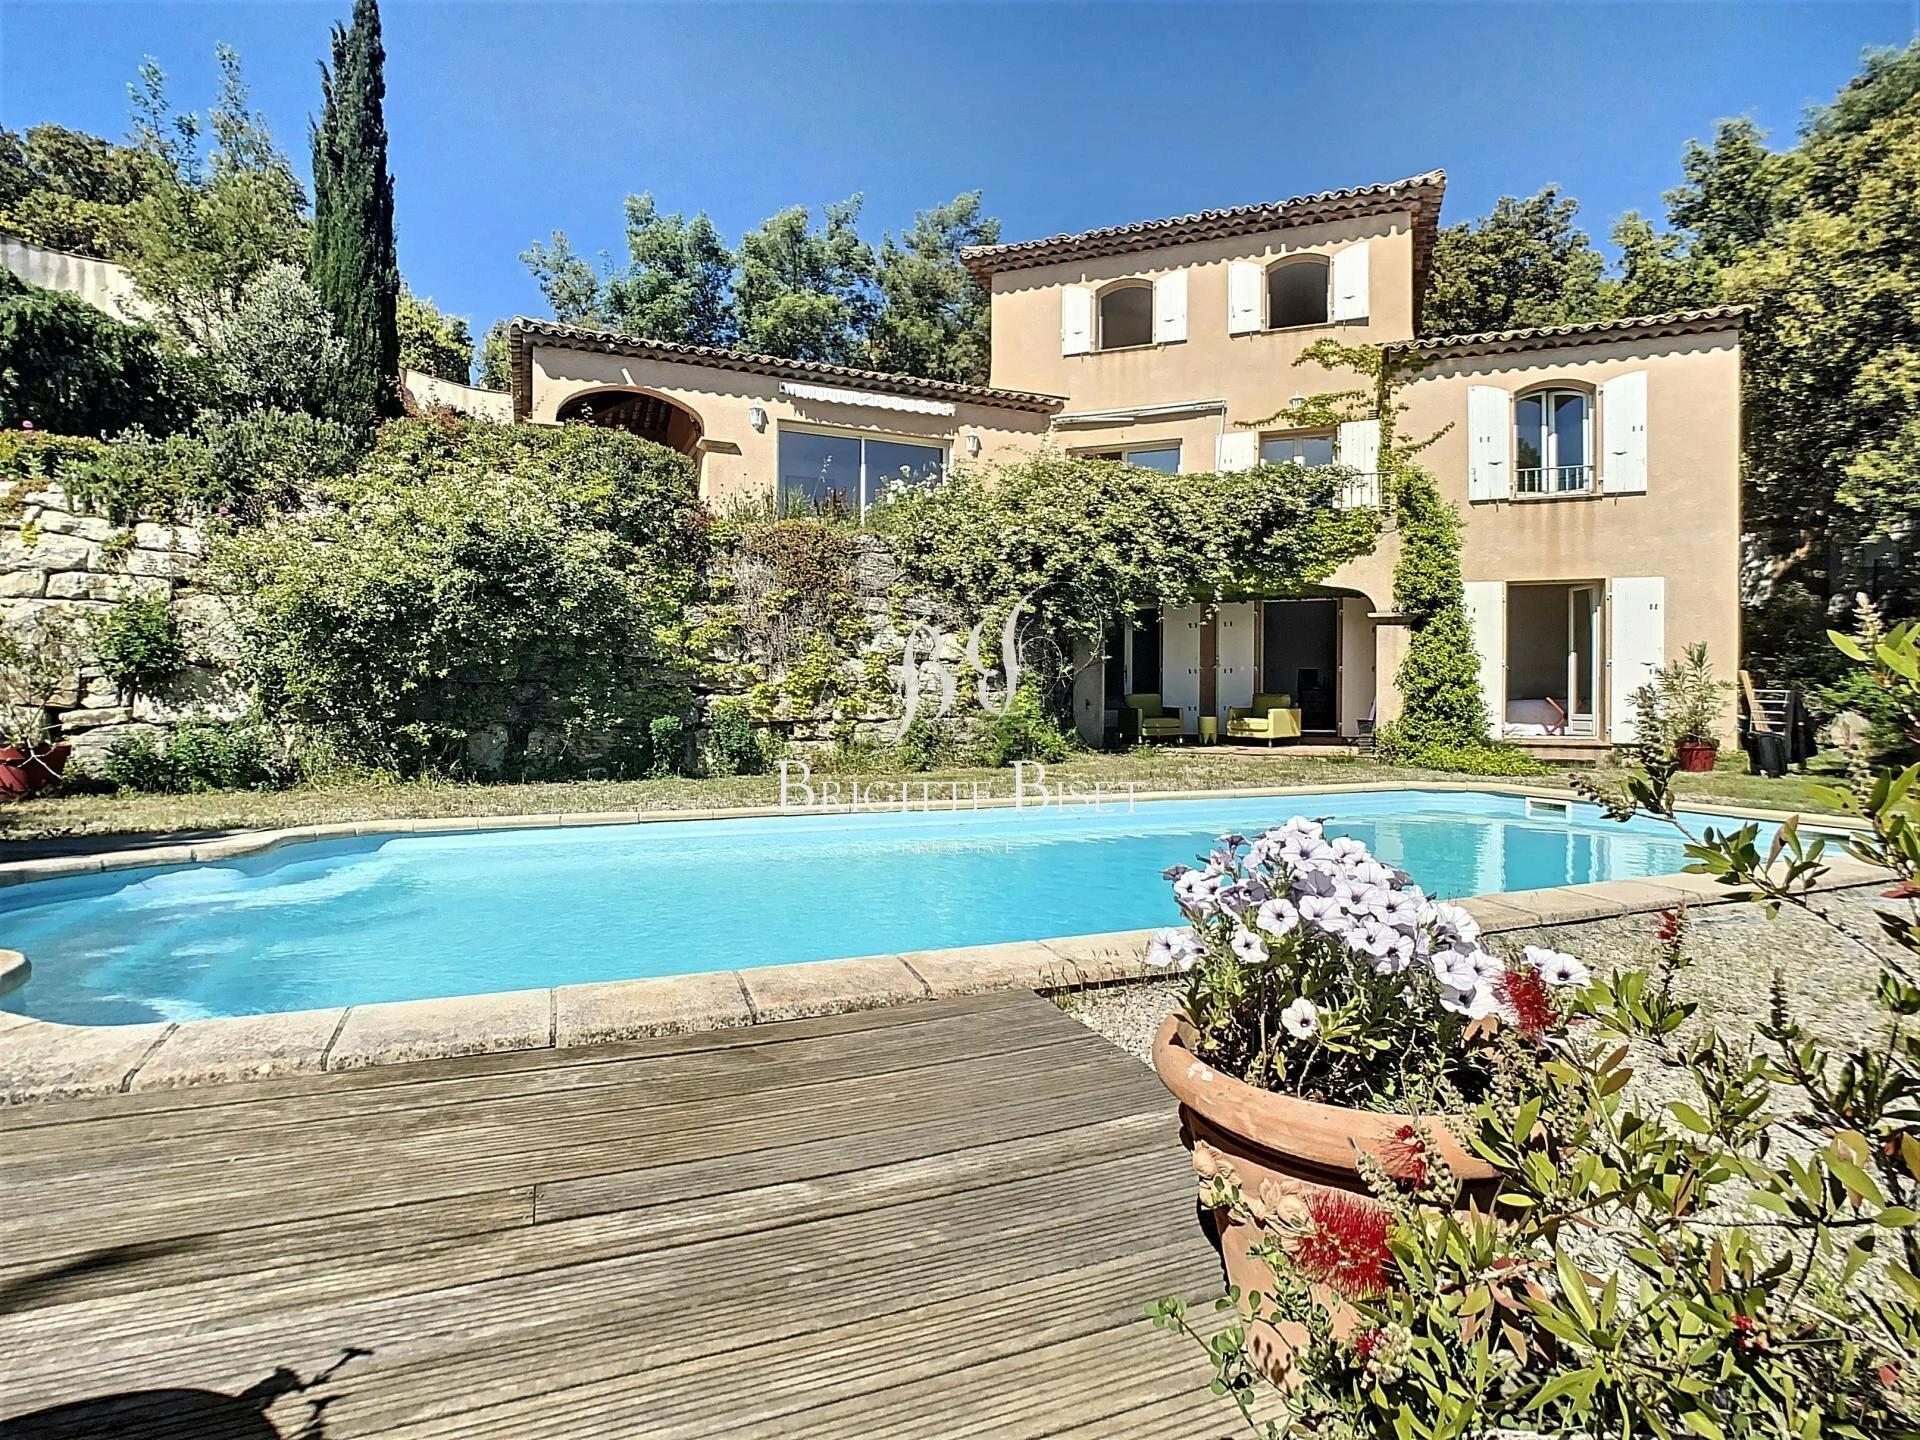 Villa a Sainte-Maxime, Provenza-Alpi-Costa Azzurra, Francia 1 - 11446998